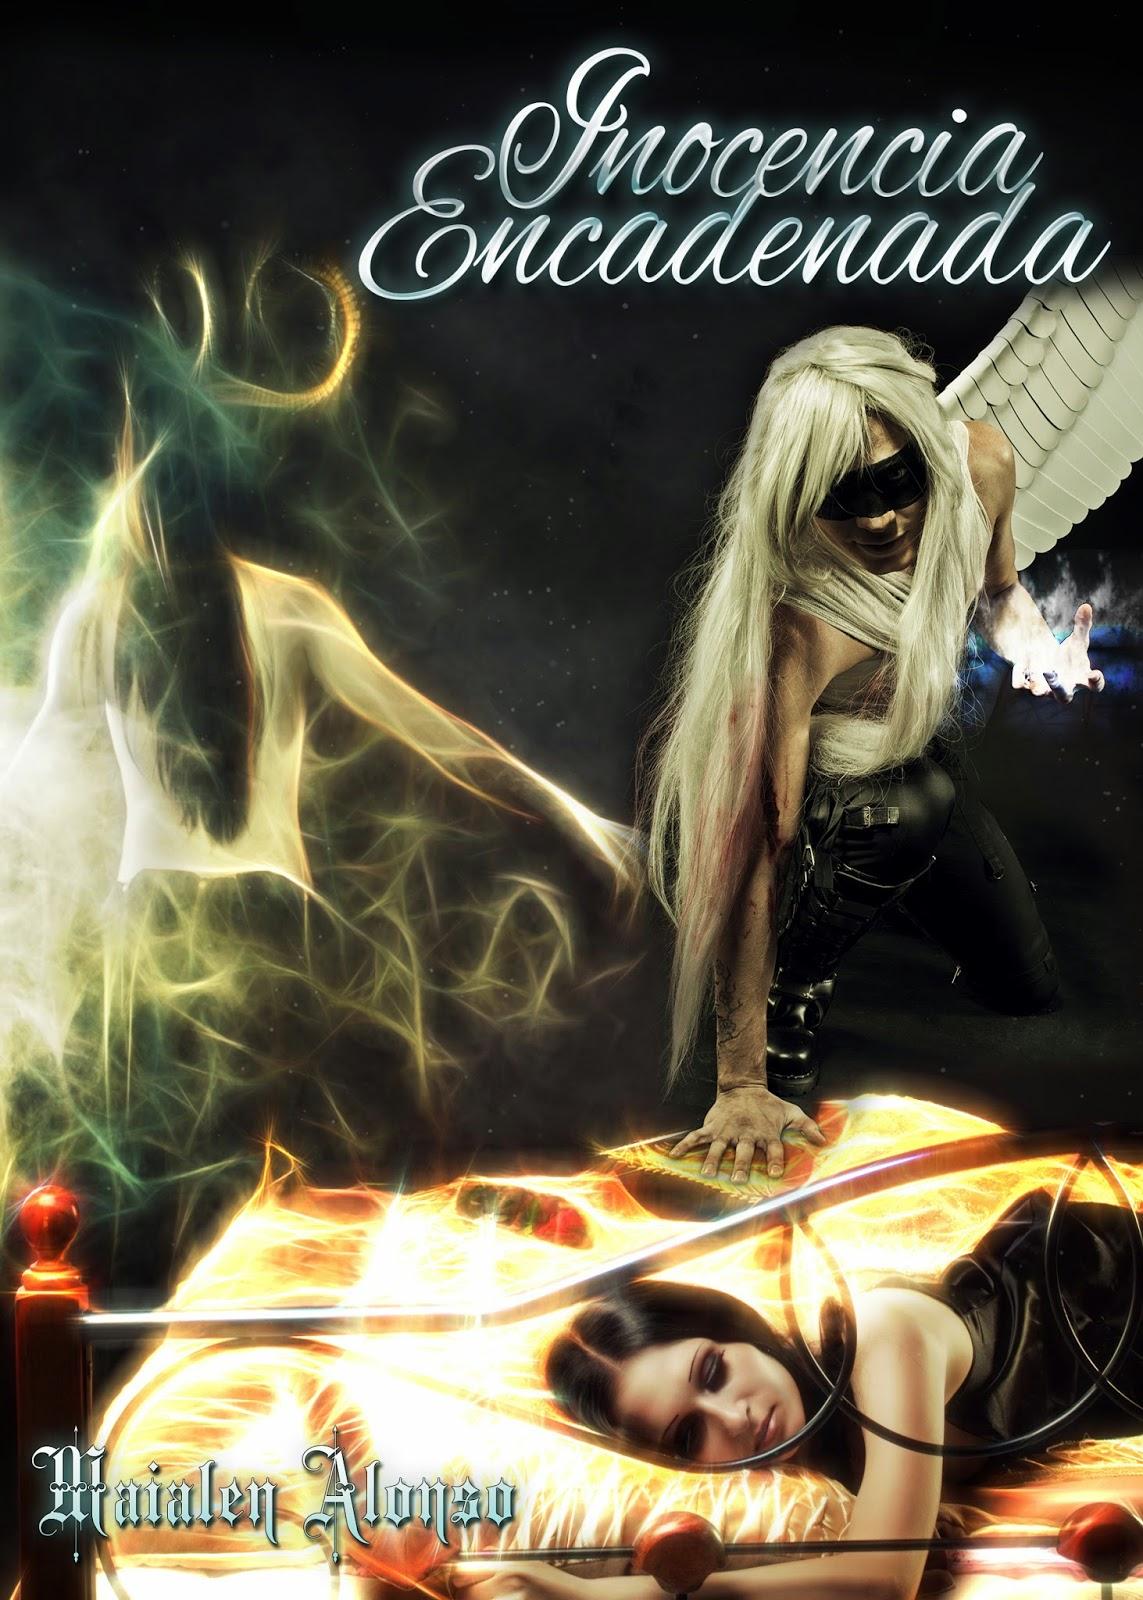 http://maialenalonsooficial.blogspot.com.es/2013/12/inocencia-encadenada.html